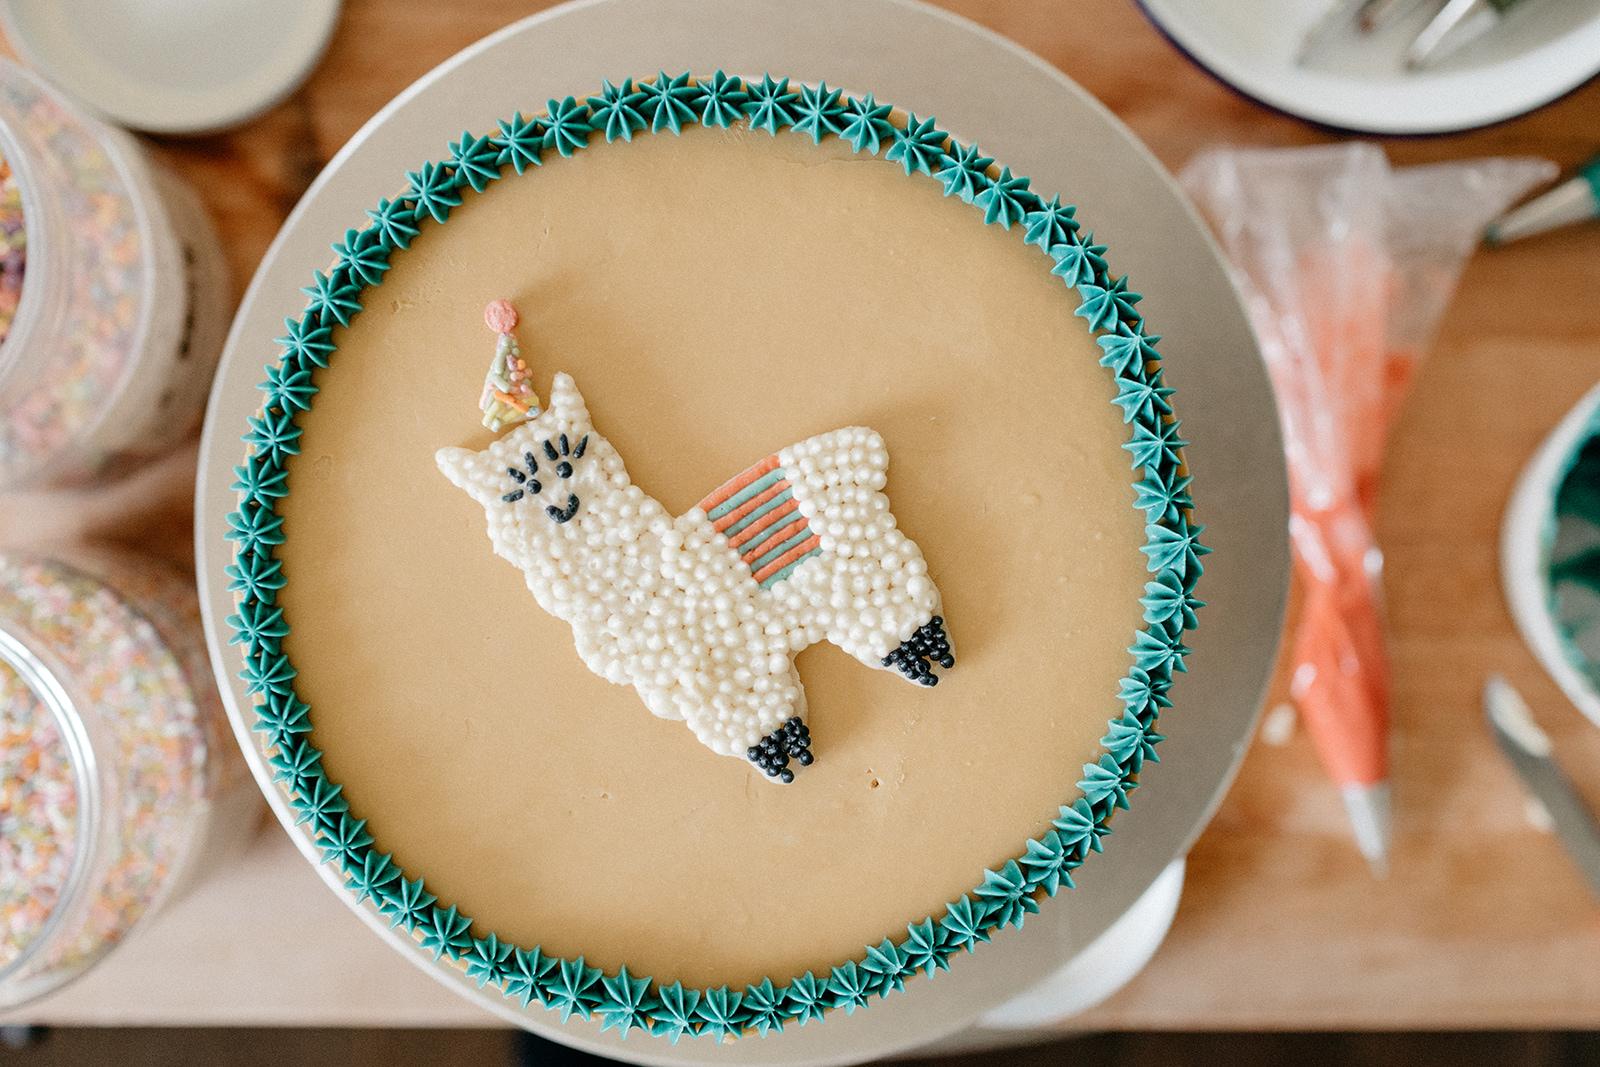 molly-yeh-rhubarb-birthday-cake-38.jpg